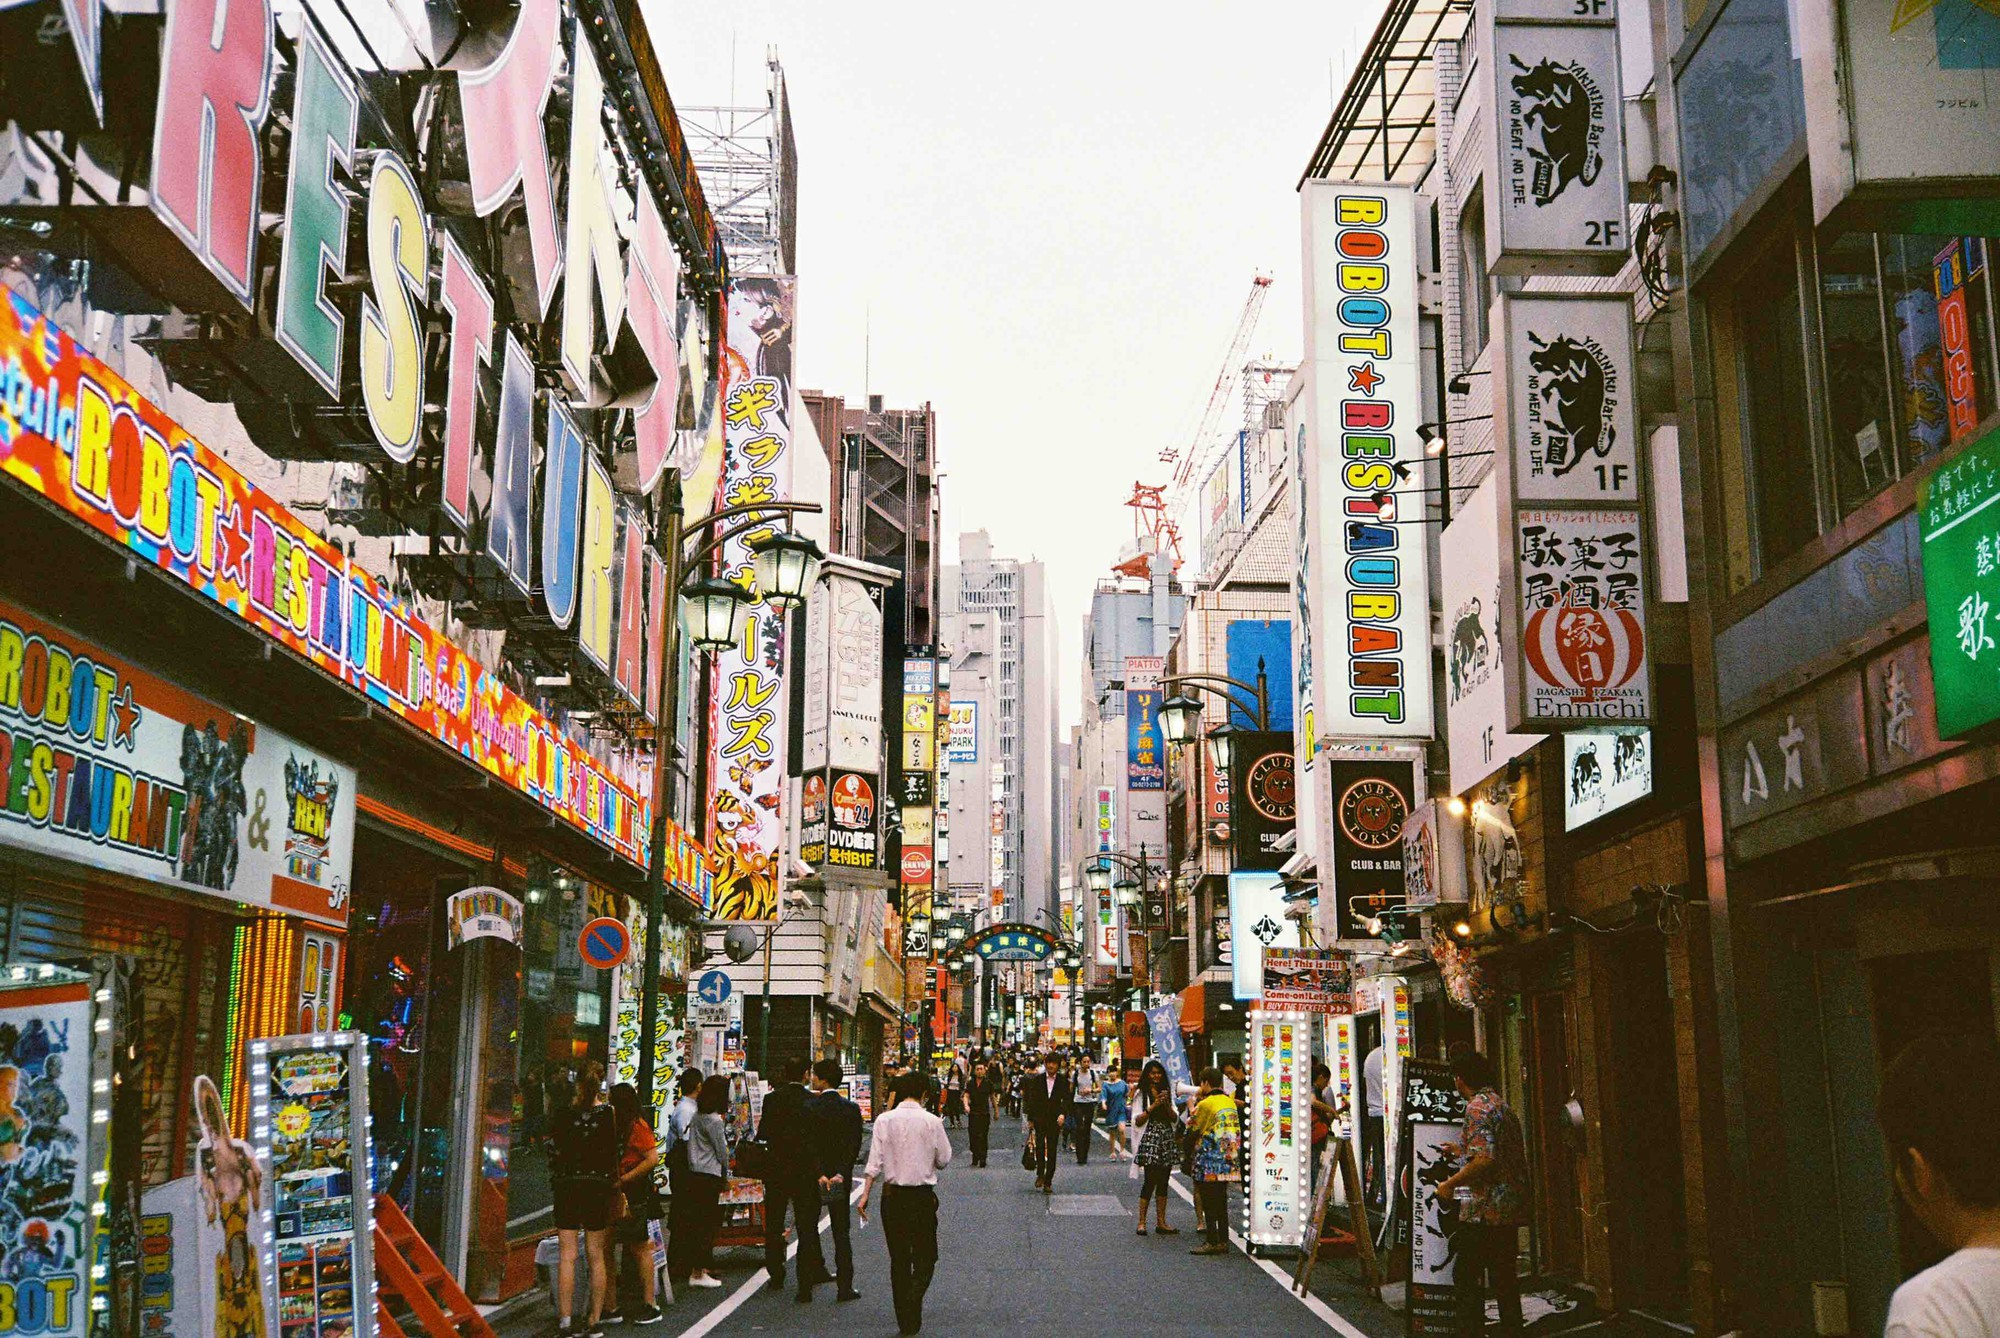 3 địa điểm được check-in nhiều nhất Tokyo, vị trí số 1 có đến 9,6 triệu bức hình trên Instagram! - Ảnh 12.